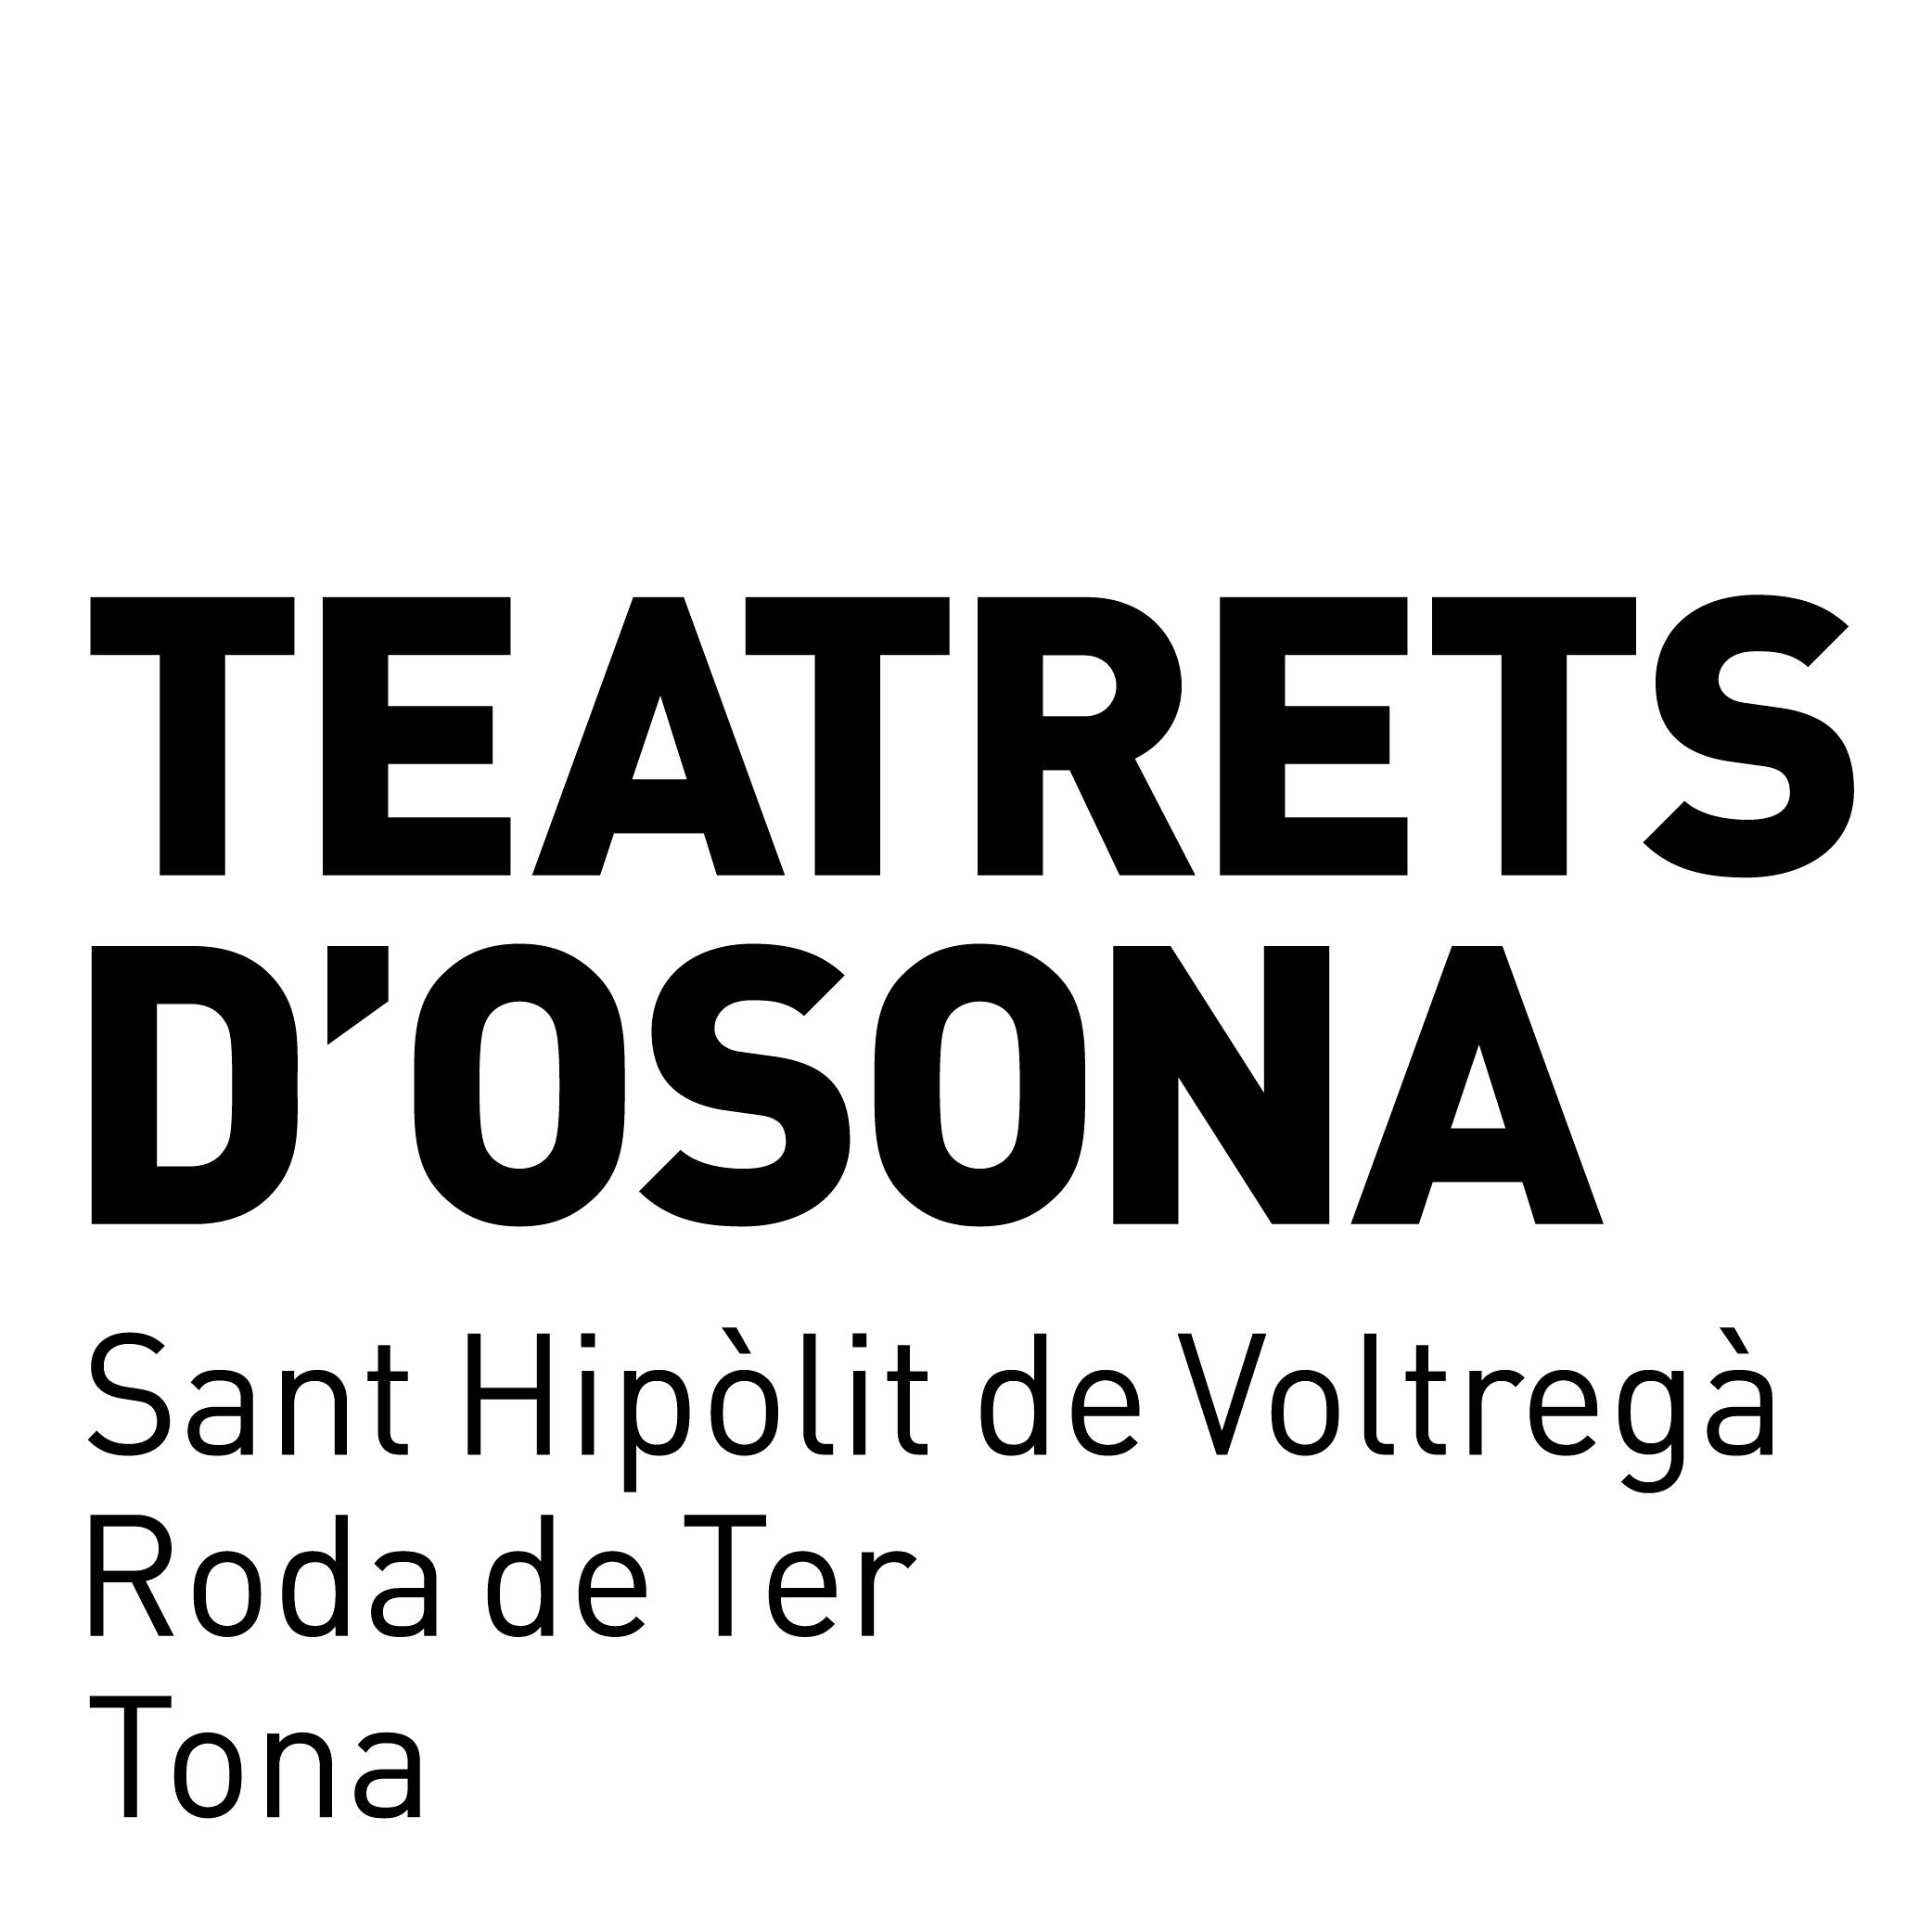 Teatrets d'Osona